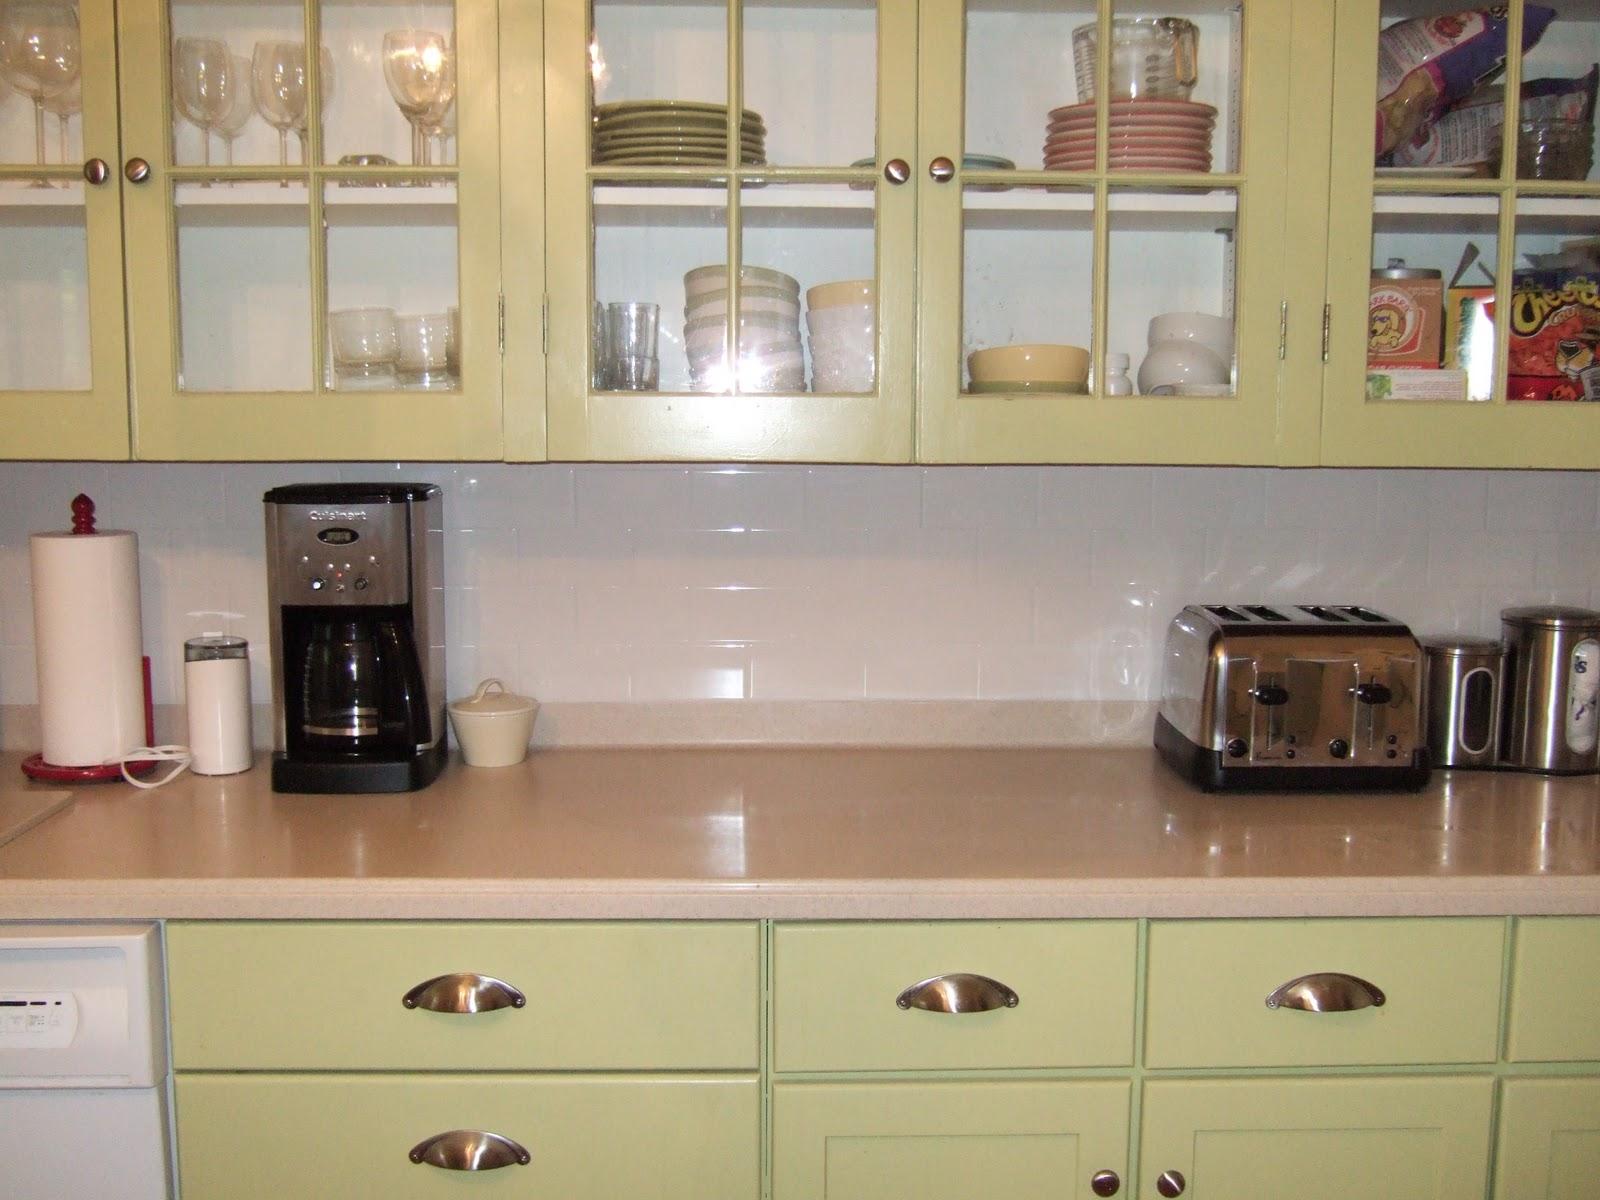 1940s Kitchen CabiDoors